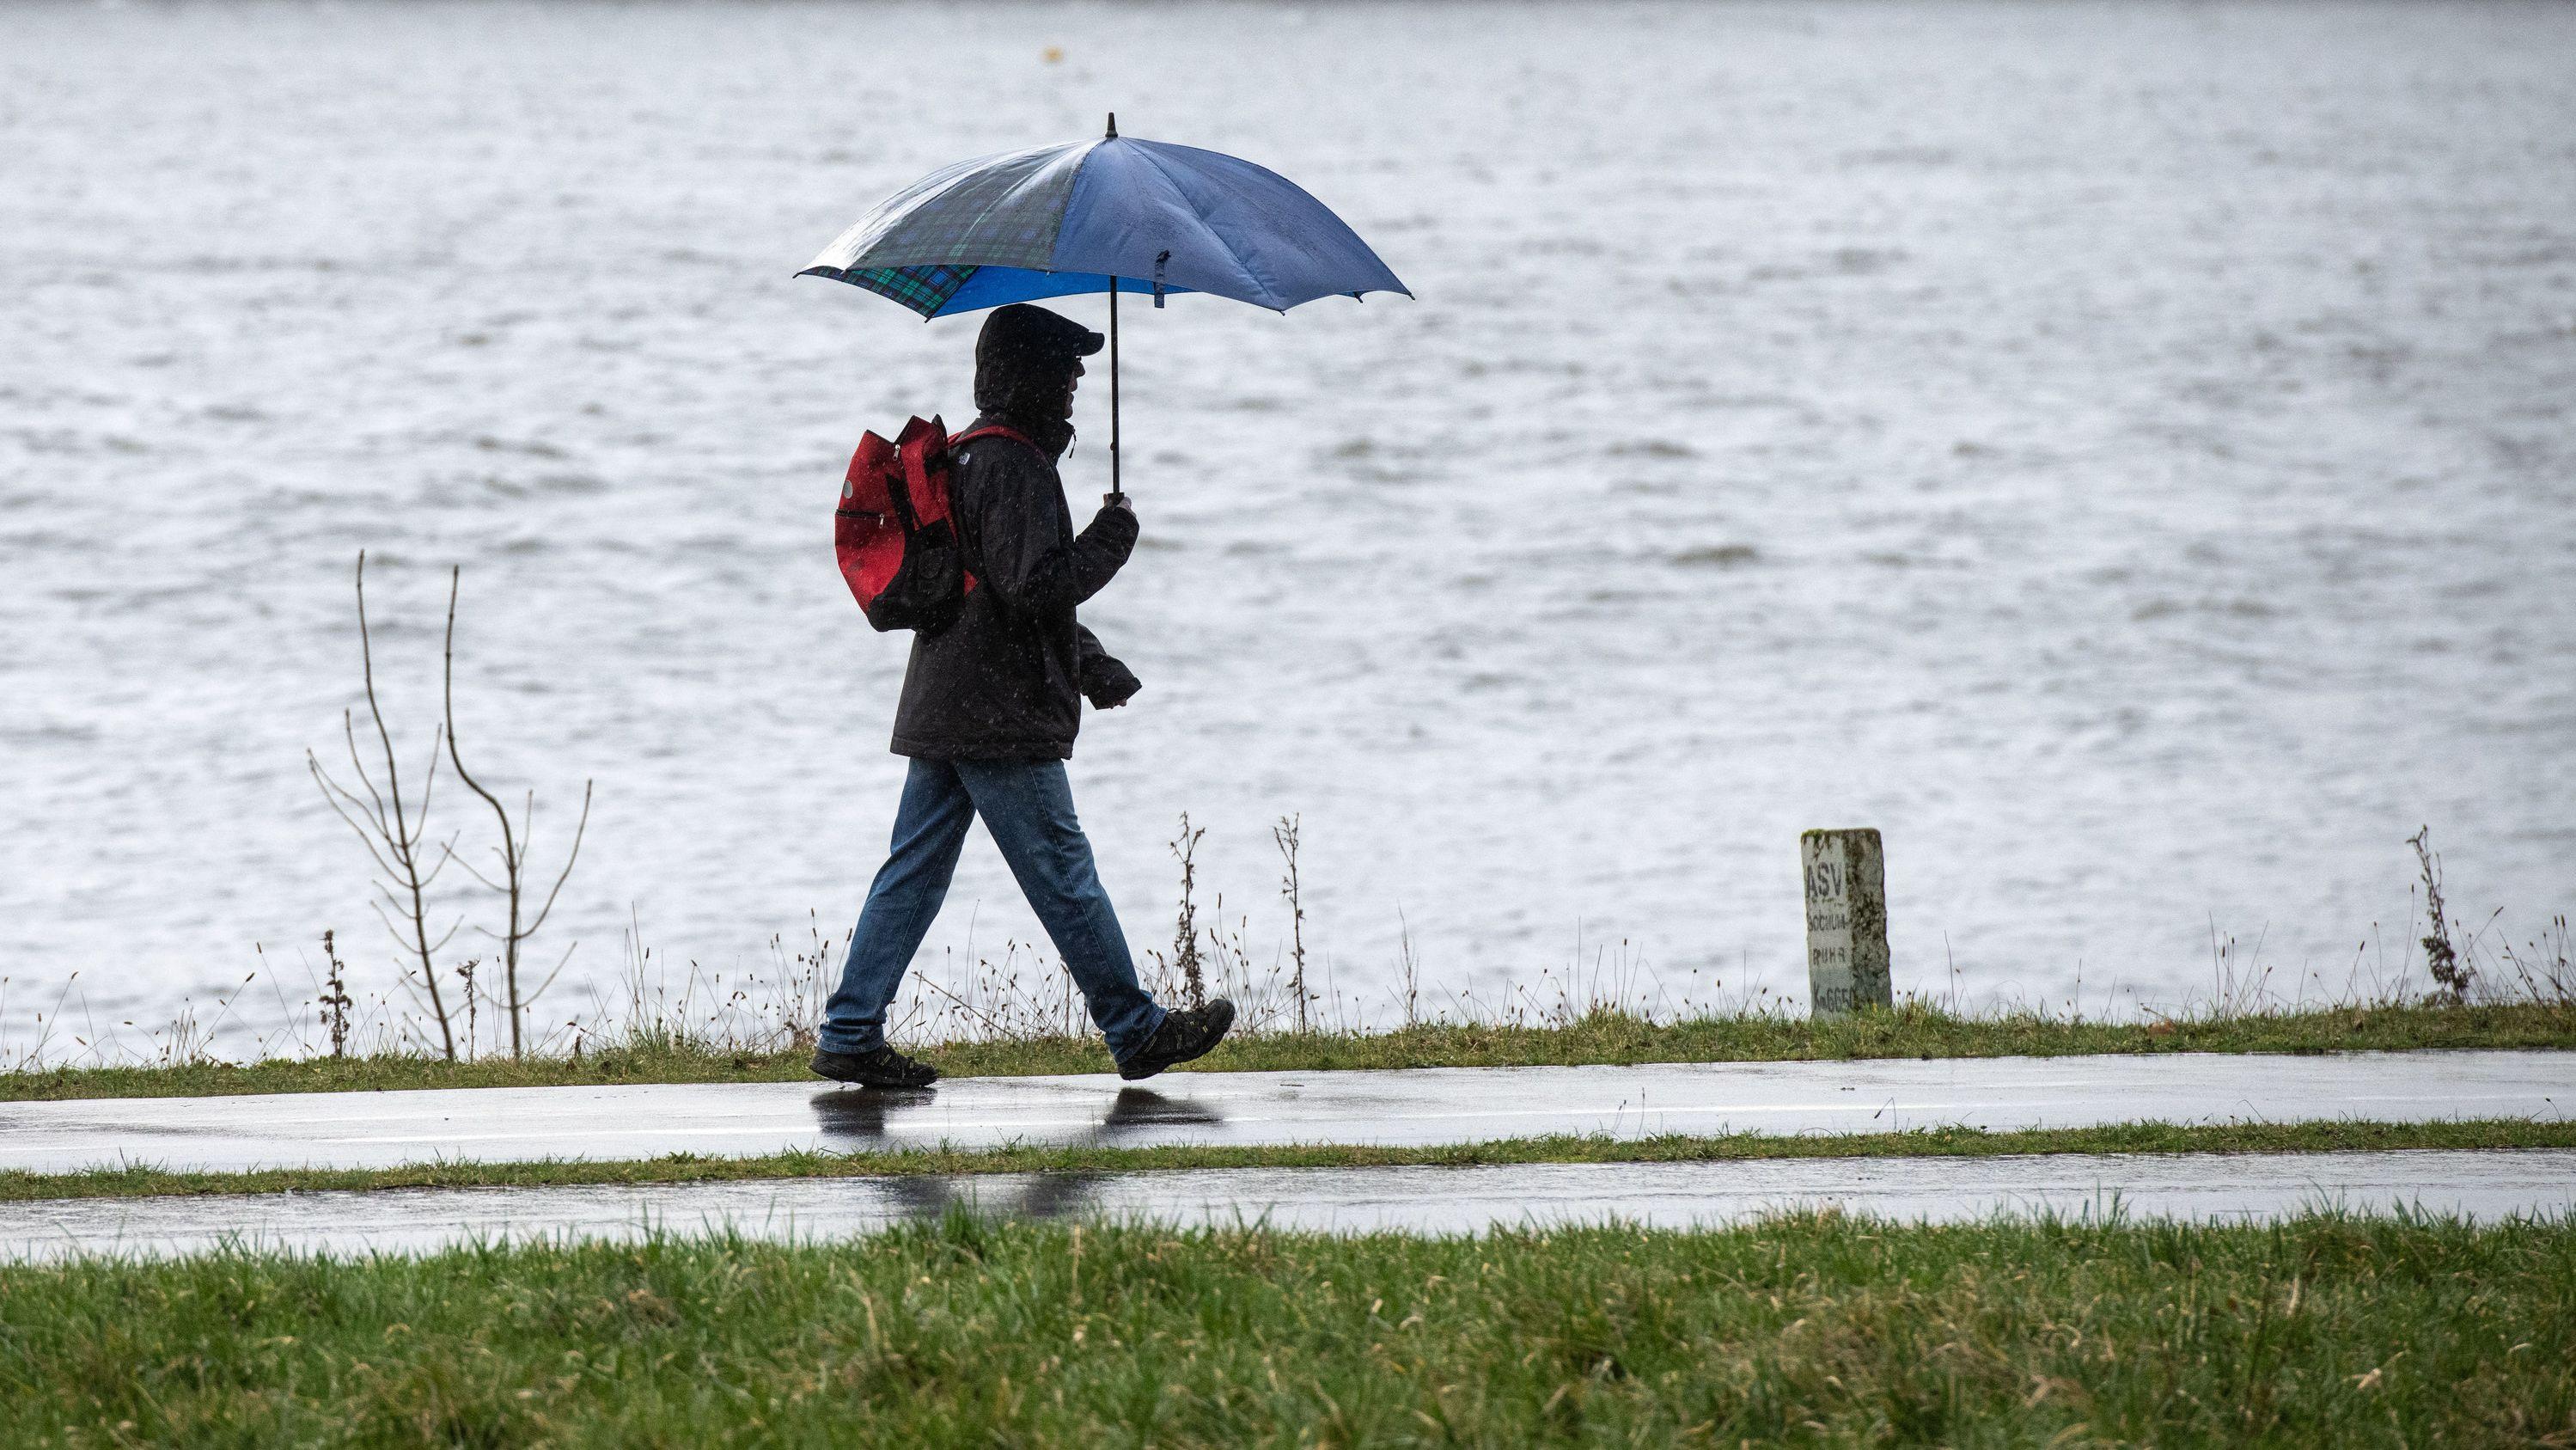 Ein Spaziergänger läuft mit einem Regenschirm an einen Fluss entlang.